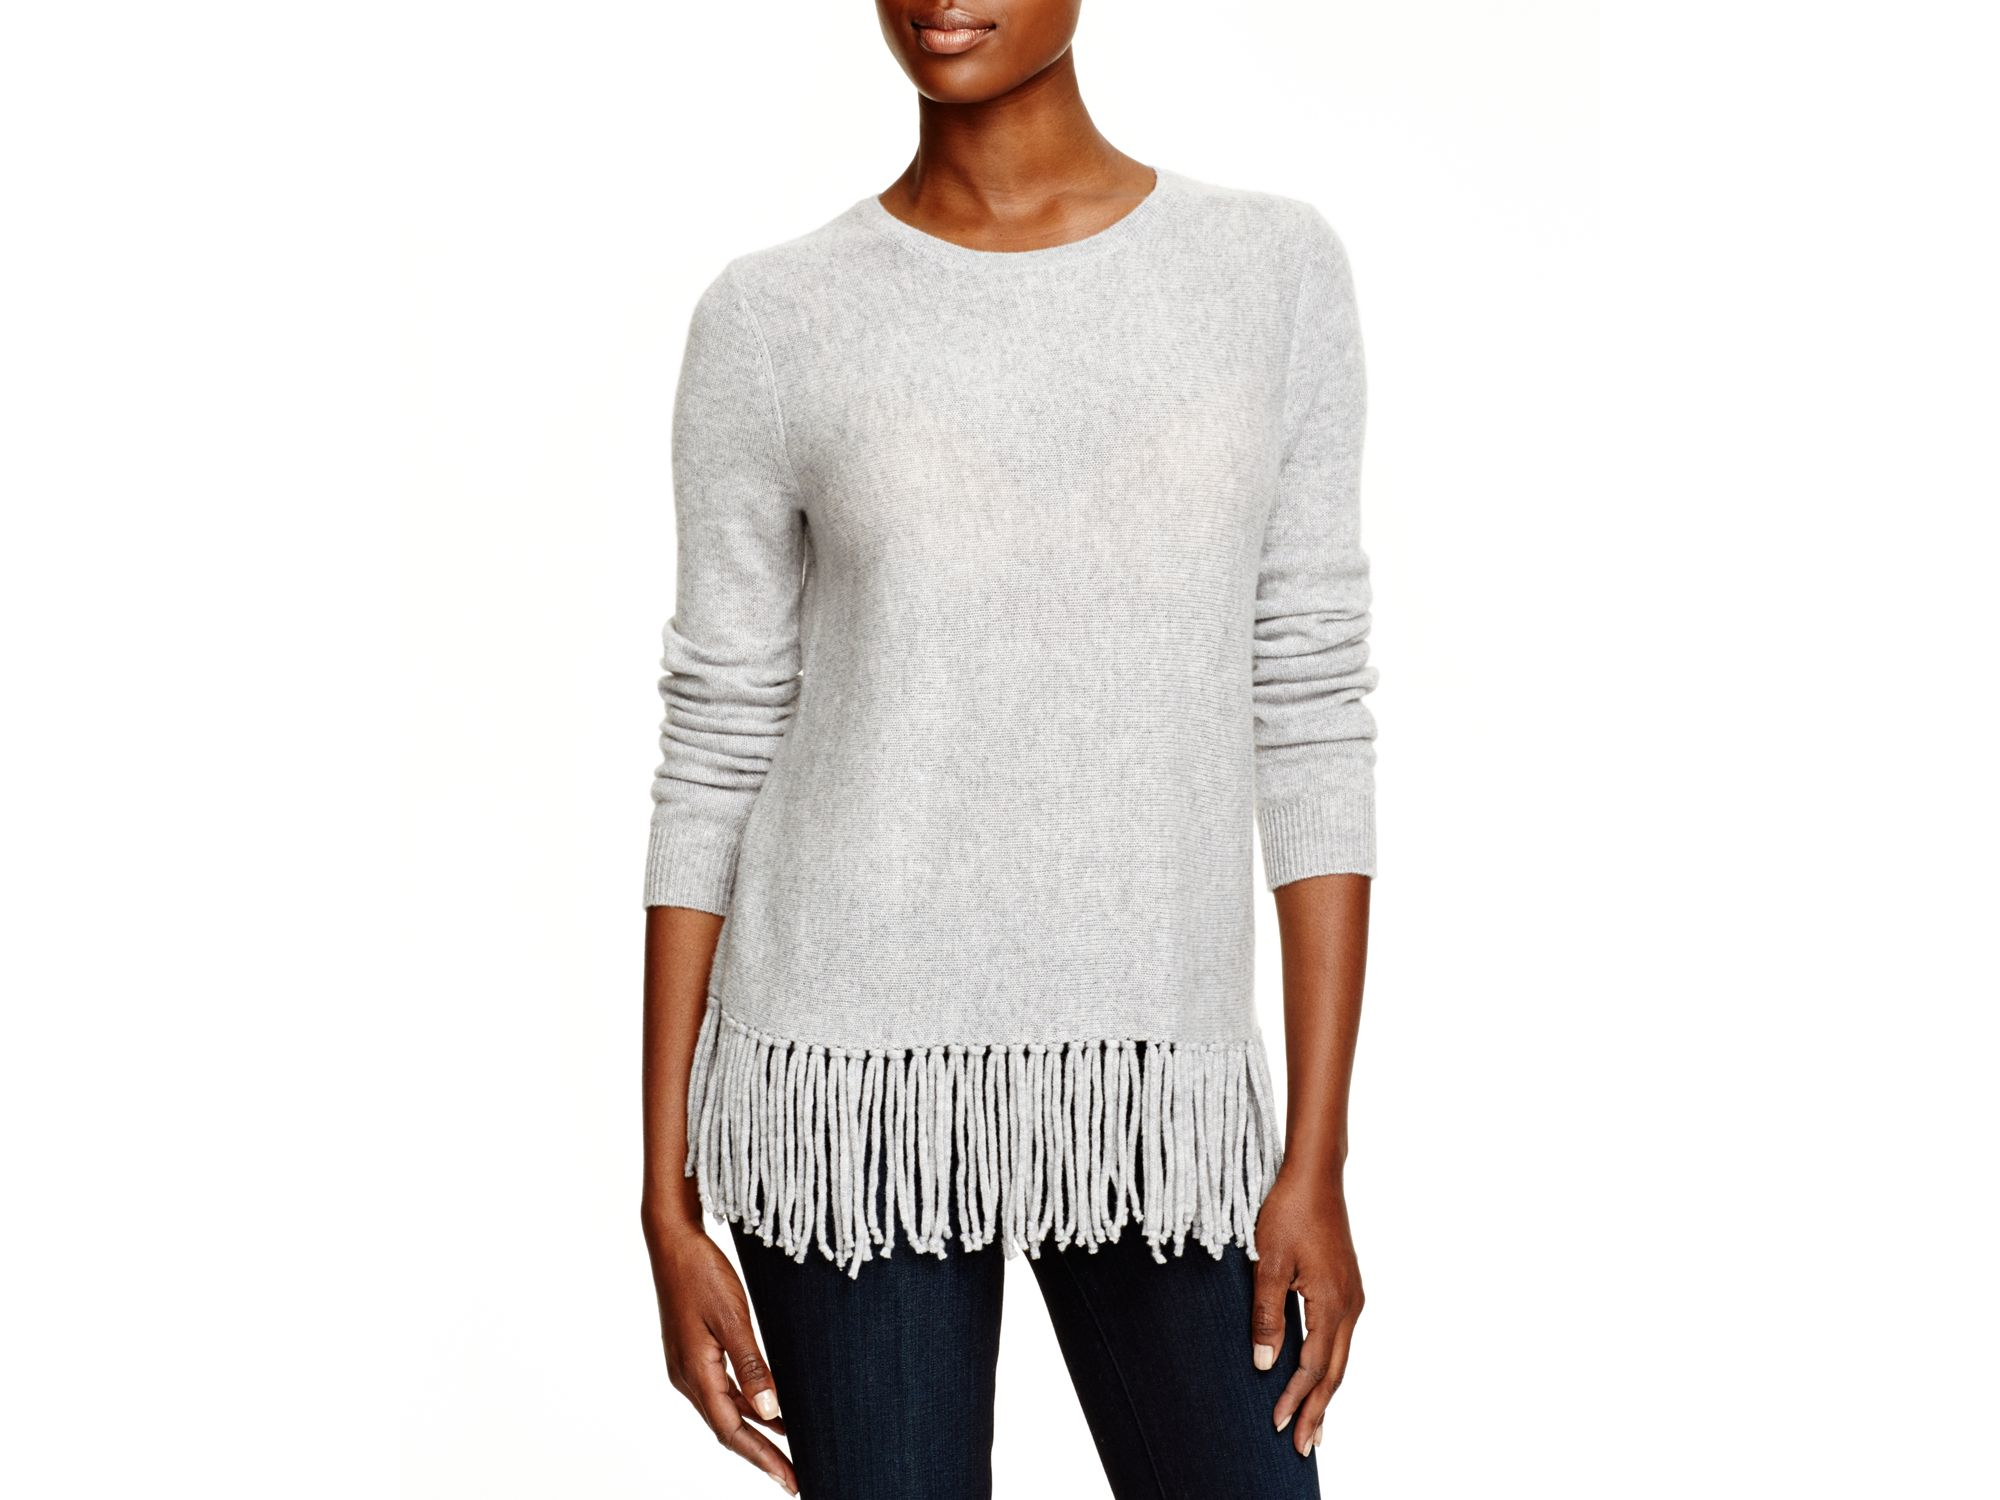 Aqua Cashmere Cashmere Fringe Trim Sweater in Gray | Lyst